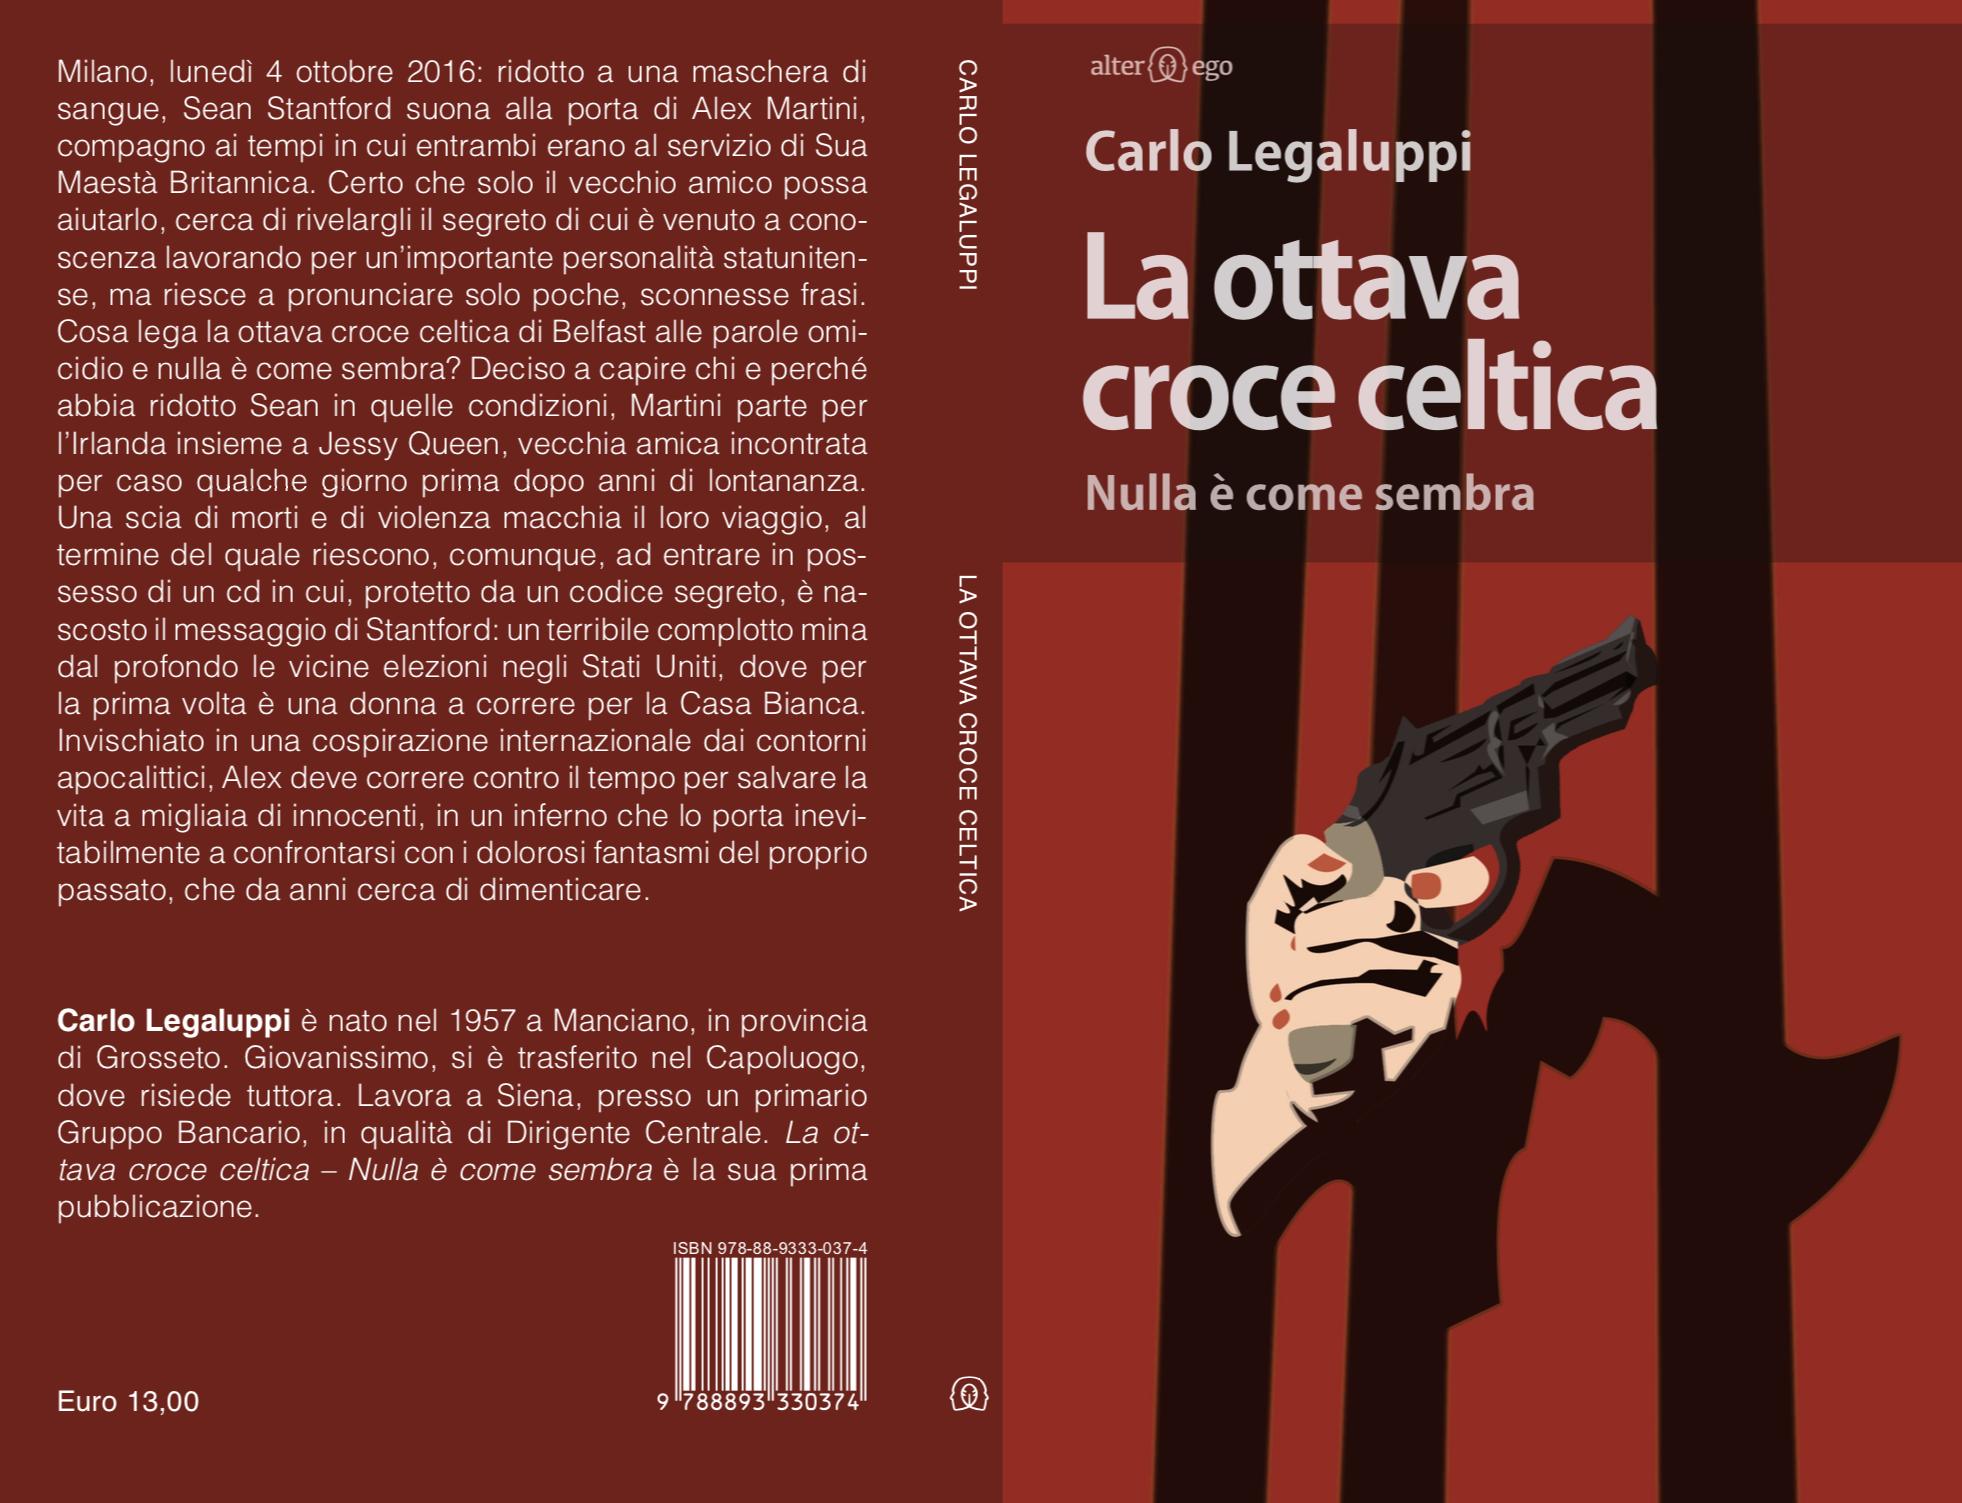 Carlo Legaluppi intervista alterego autore scrittore